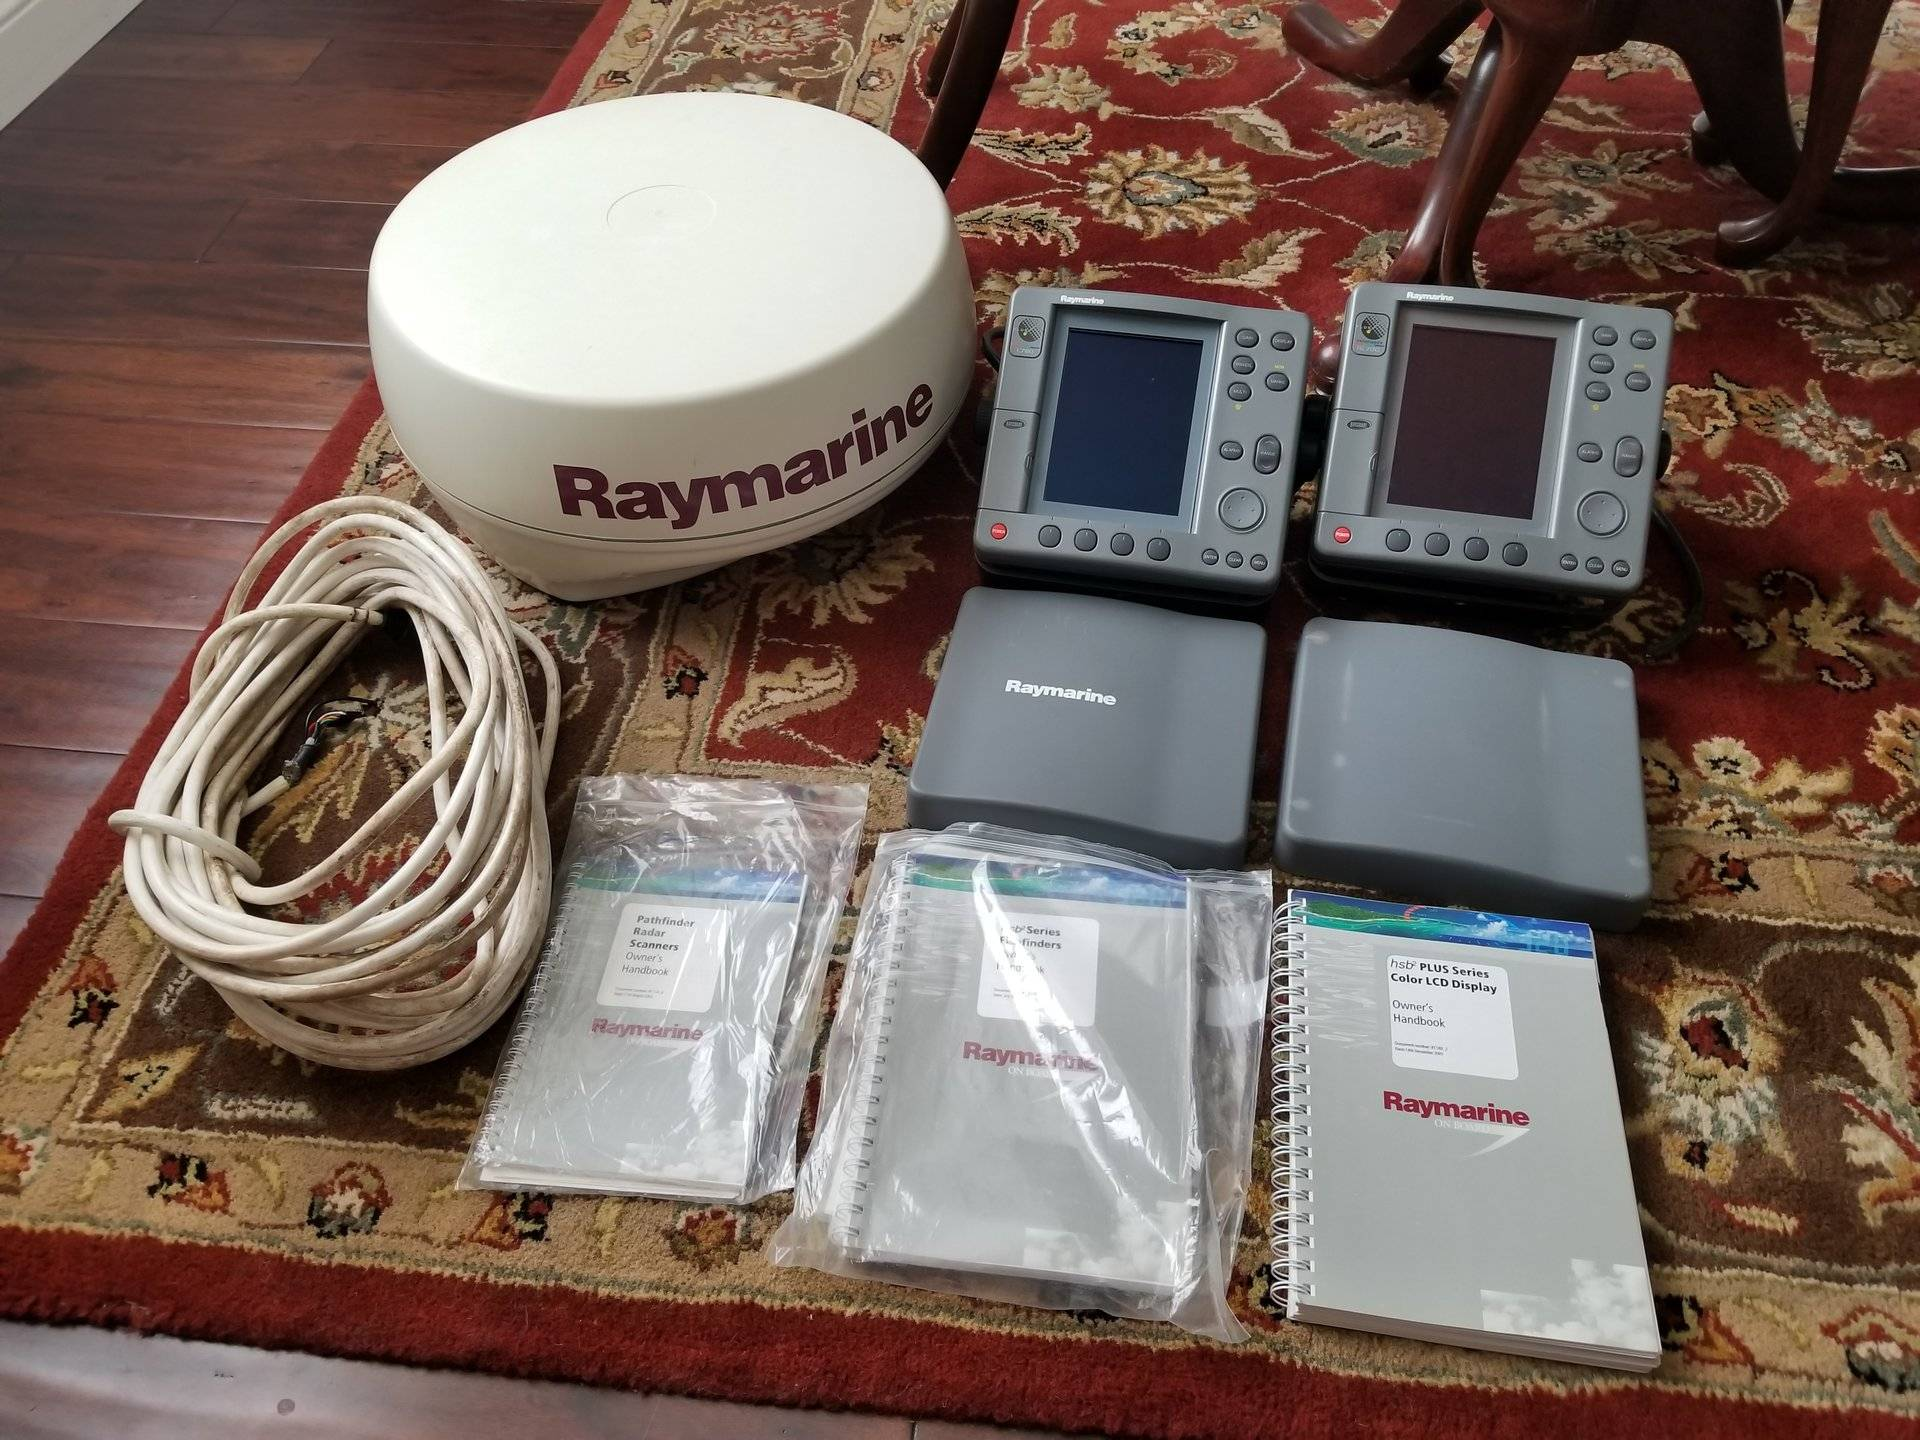 For Sale - Raymarine Radar GPS Fishfinder Package   Bloodydecks